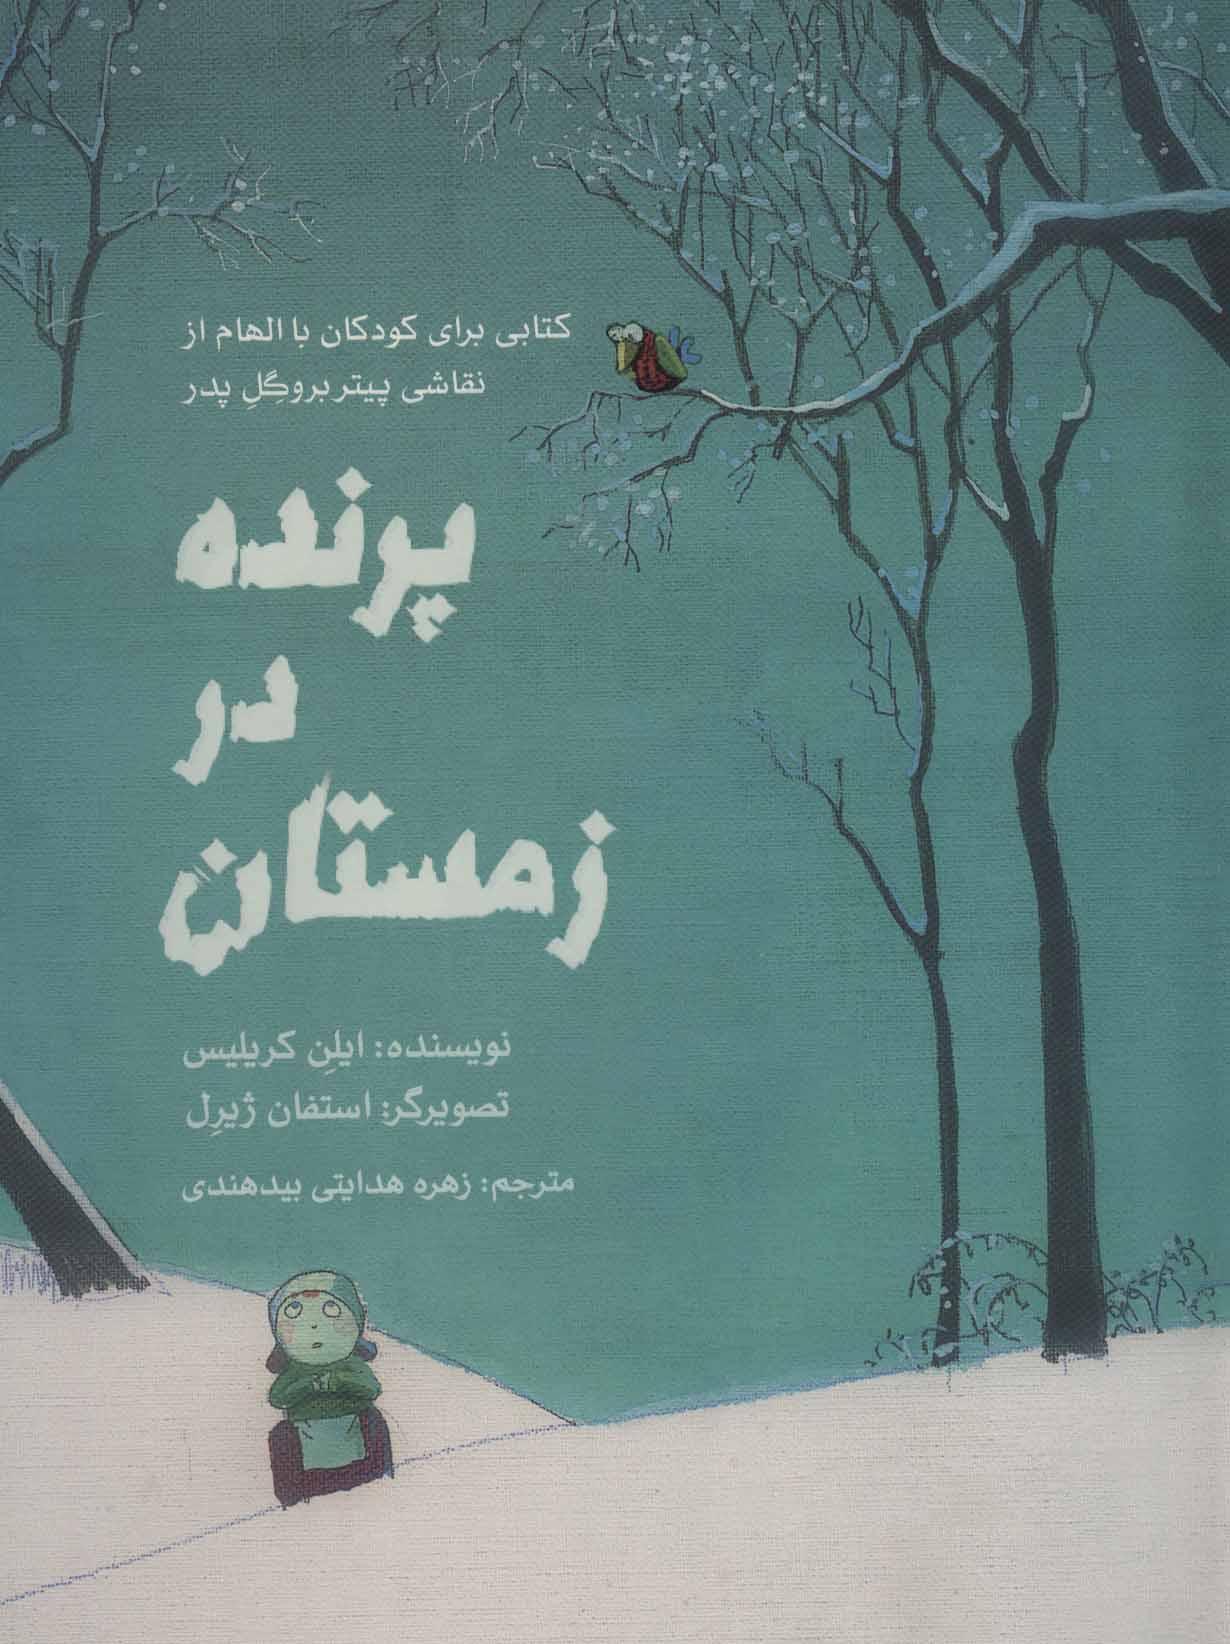 کتابی کوچک با الهام از هنرمندی بزرگ 5 (پرنده در زمستان)،(گلاسه)